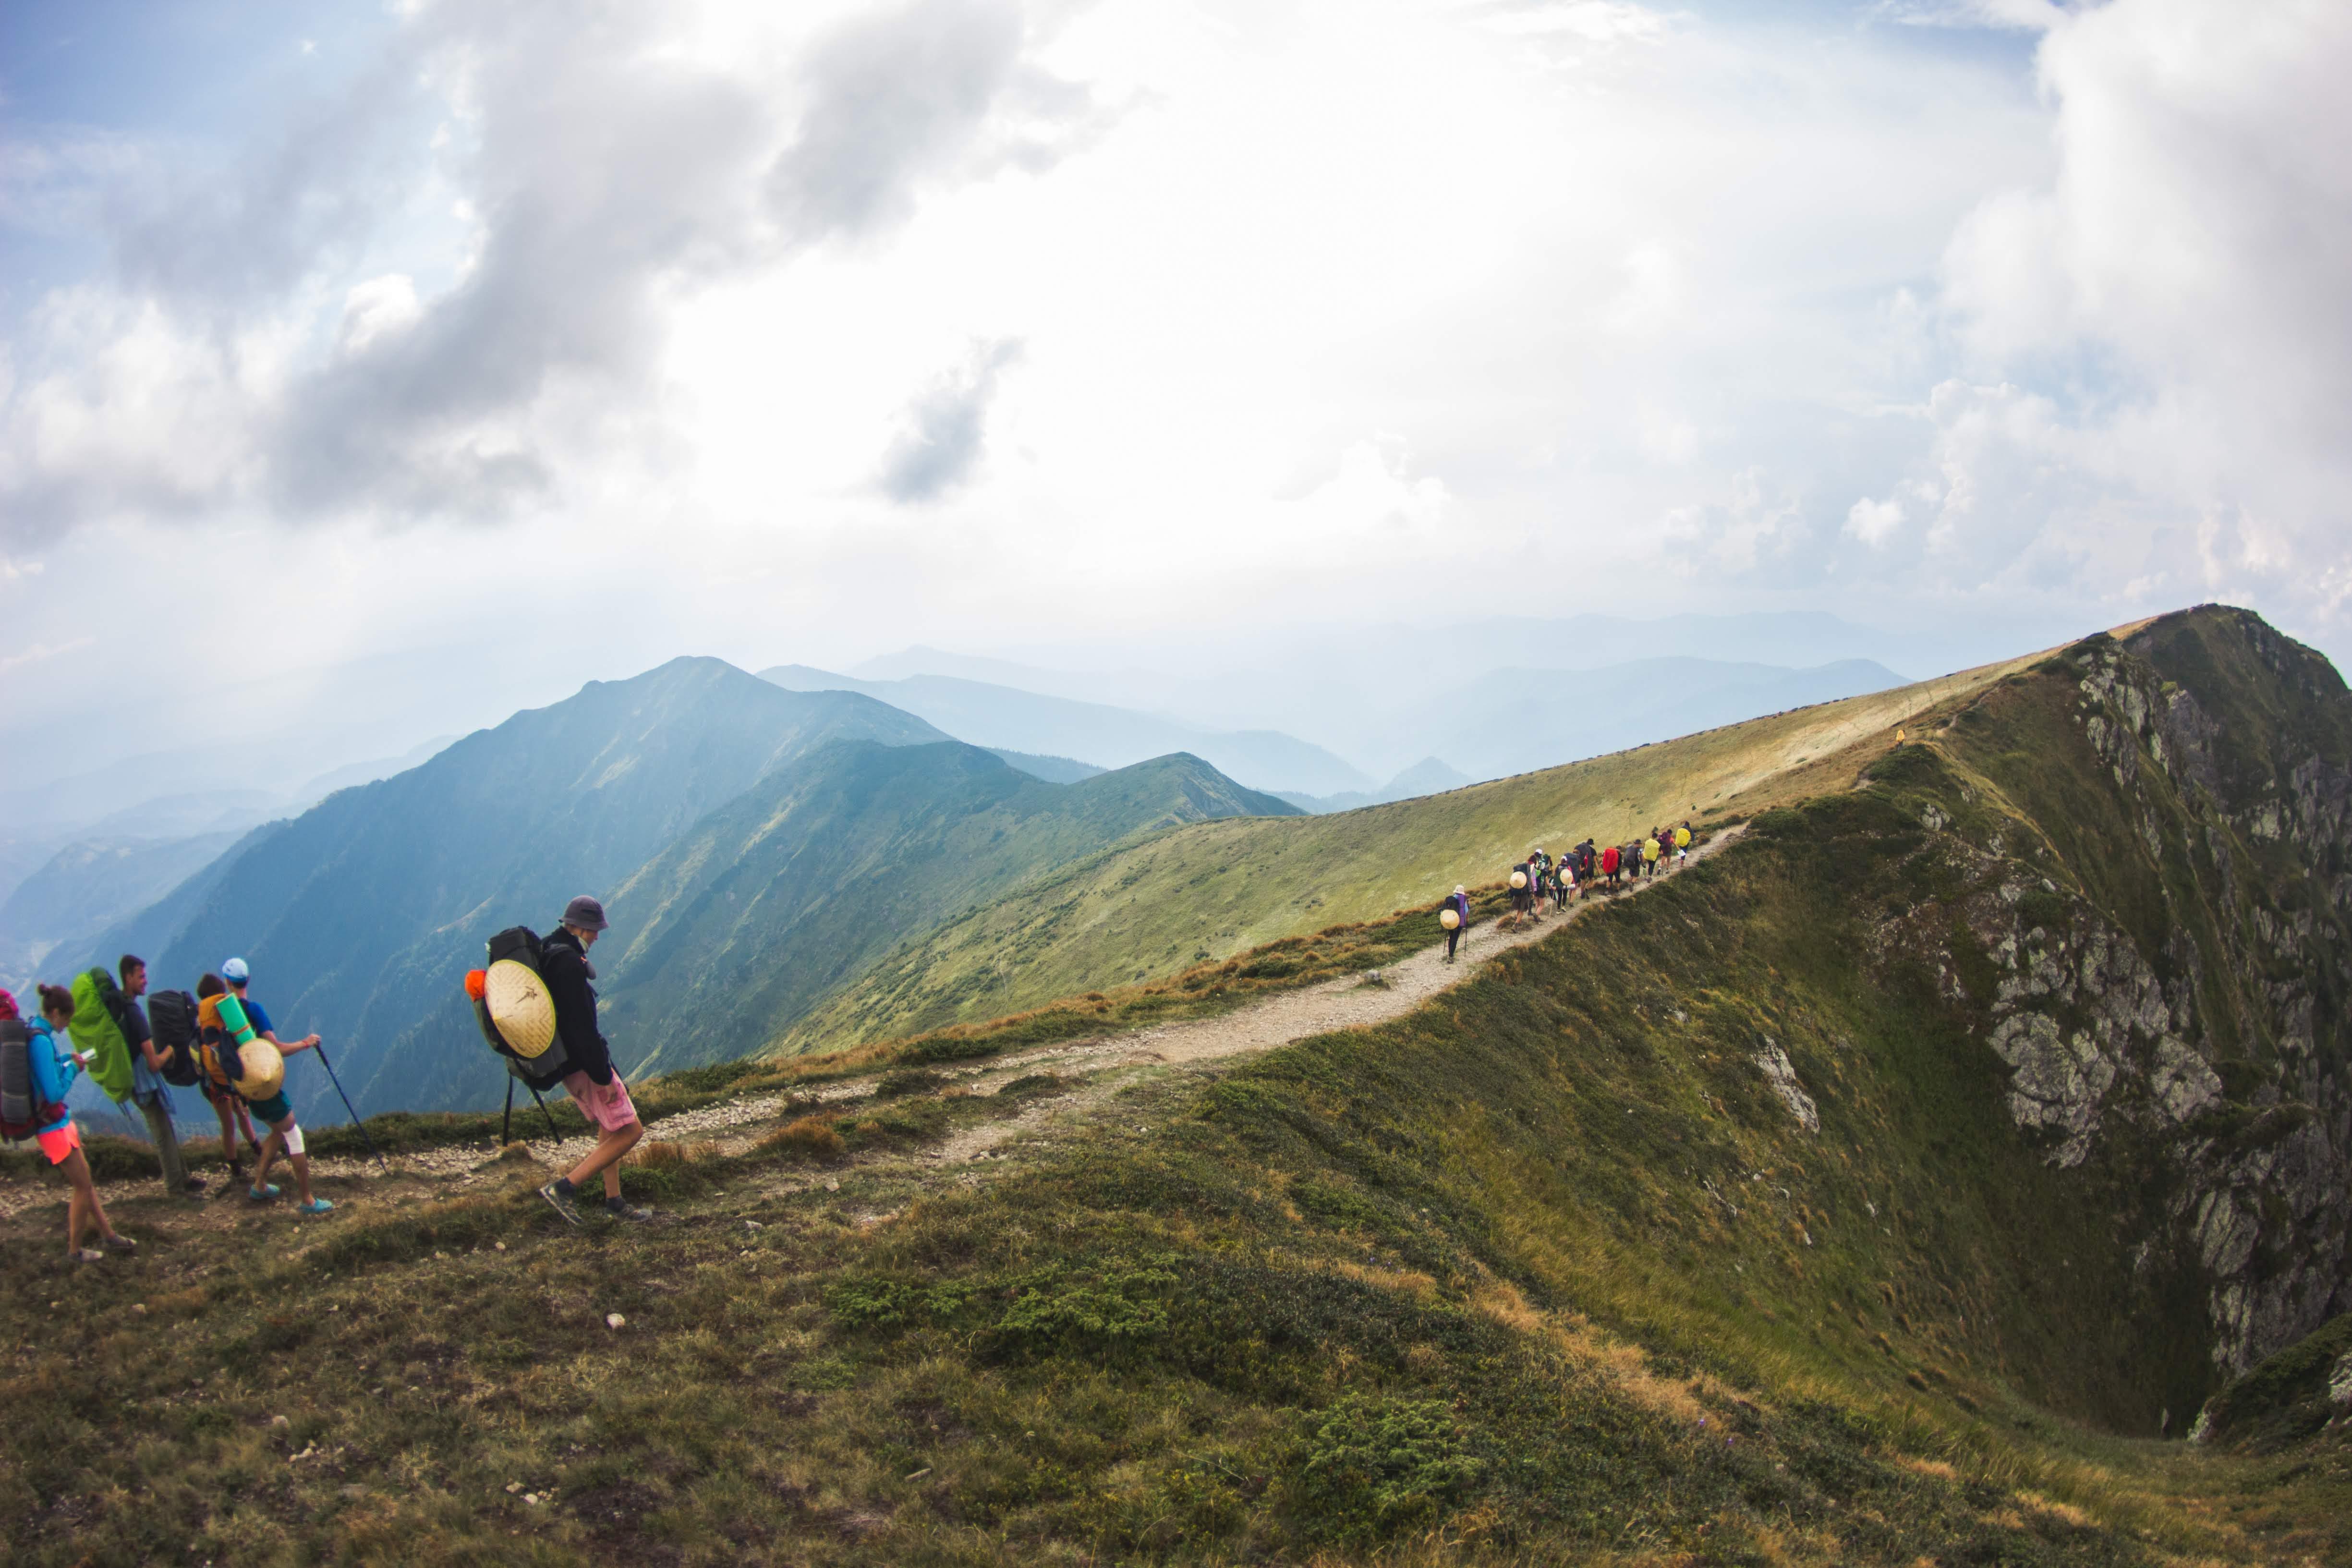 denní světlo, horolezectví, hory